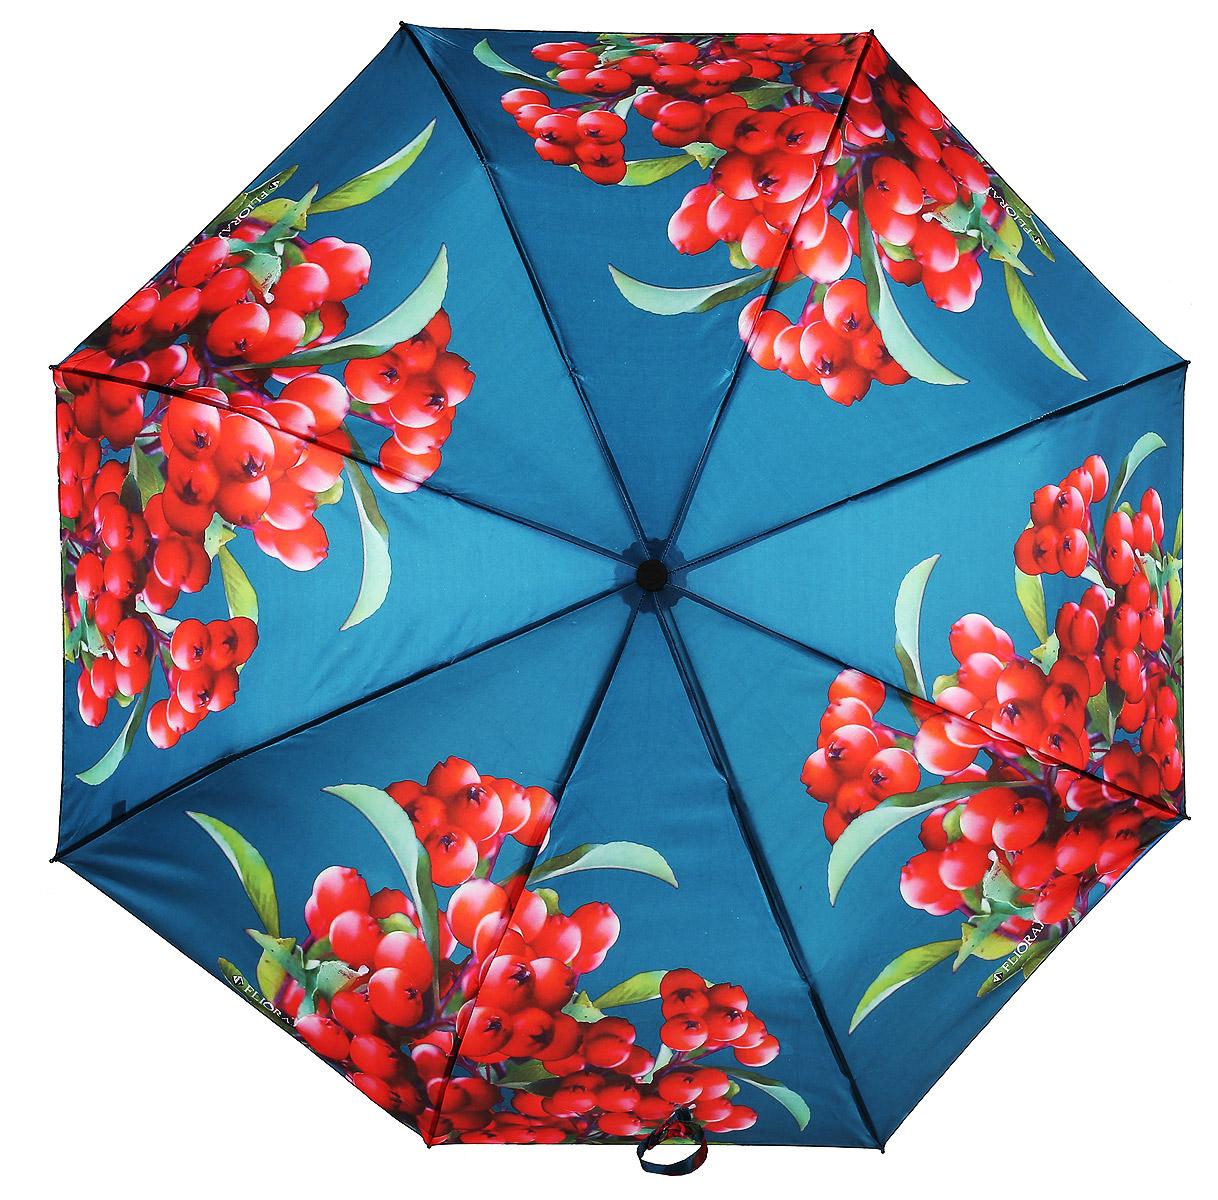 Зонт женский Flioraj, автомат, 3 сложения, цвет: красный, синий. 190211 FJ190211 FJЭлегантный зонт FJ. Уникальный каркас из анодированной стали, карбоновые спицы помогут выдержать натиск ураганного ветра. Улучшенный механизм зонта, максимально комфортная ручка держателя, увеличенный в длину стержень, тефлоновая пропитка материала купола - совершенство конструкции с изысканностью изделия на фоне конкурентоспособной цены.